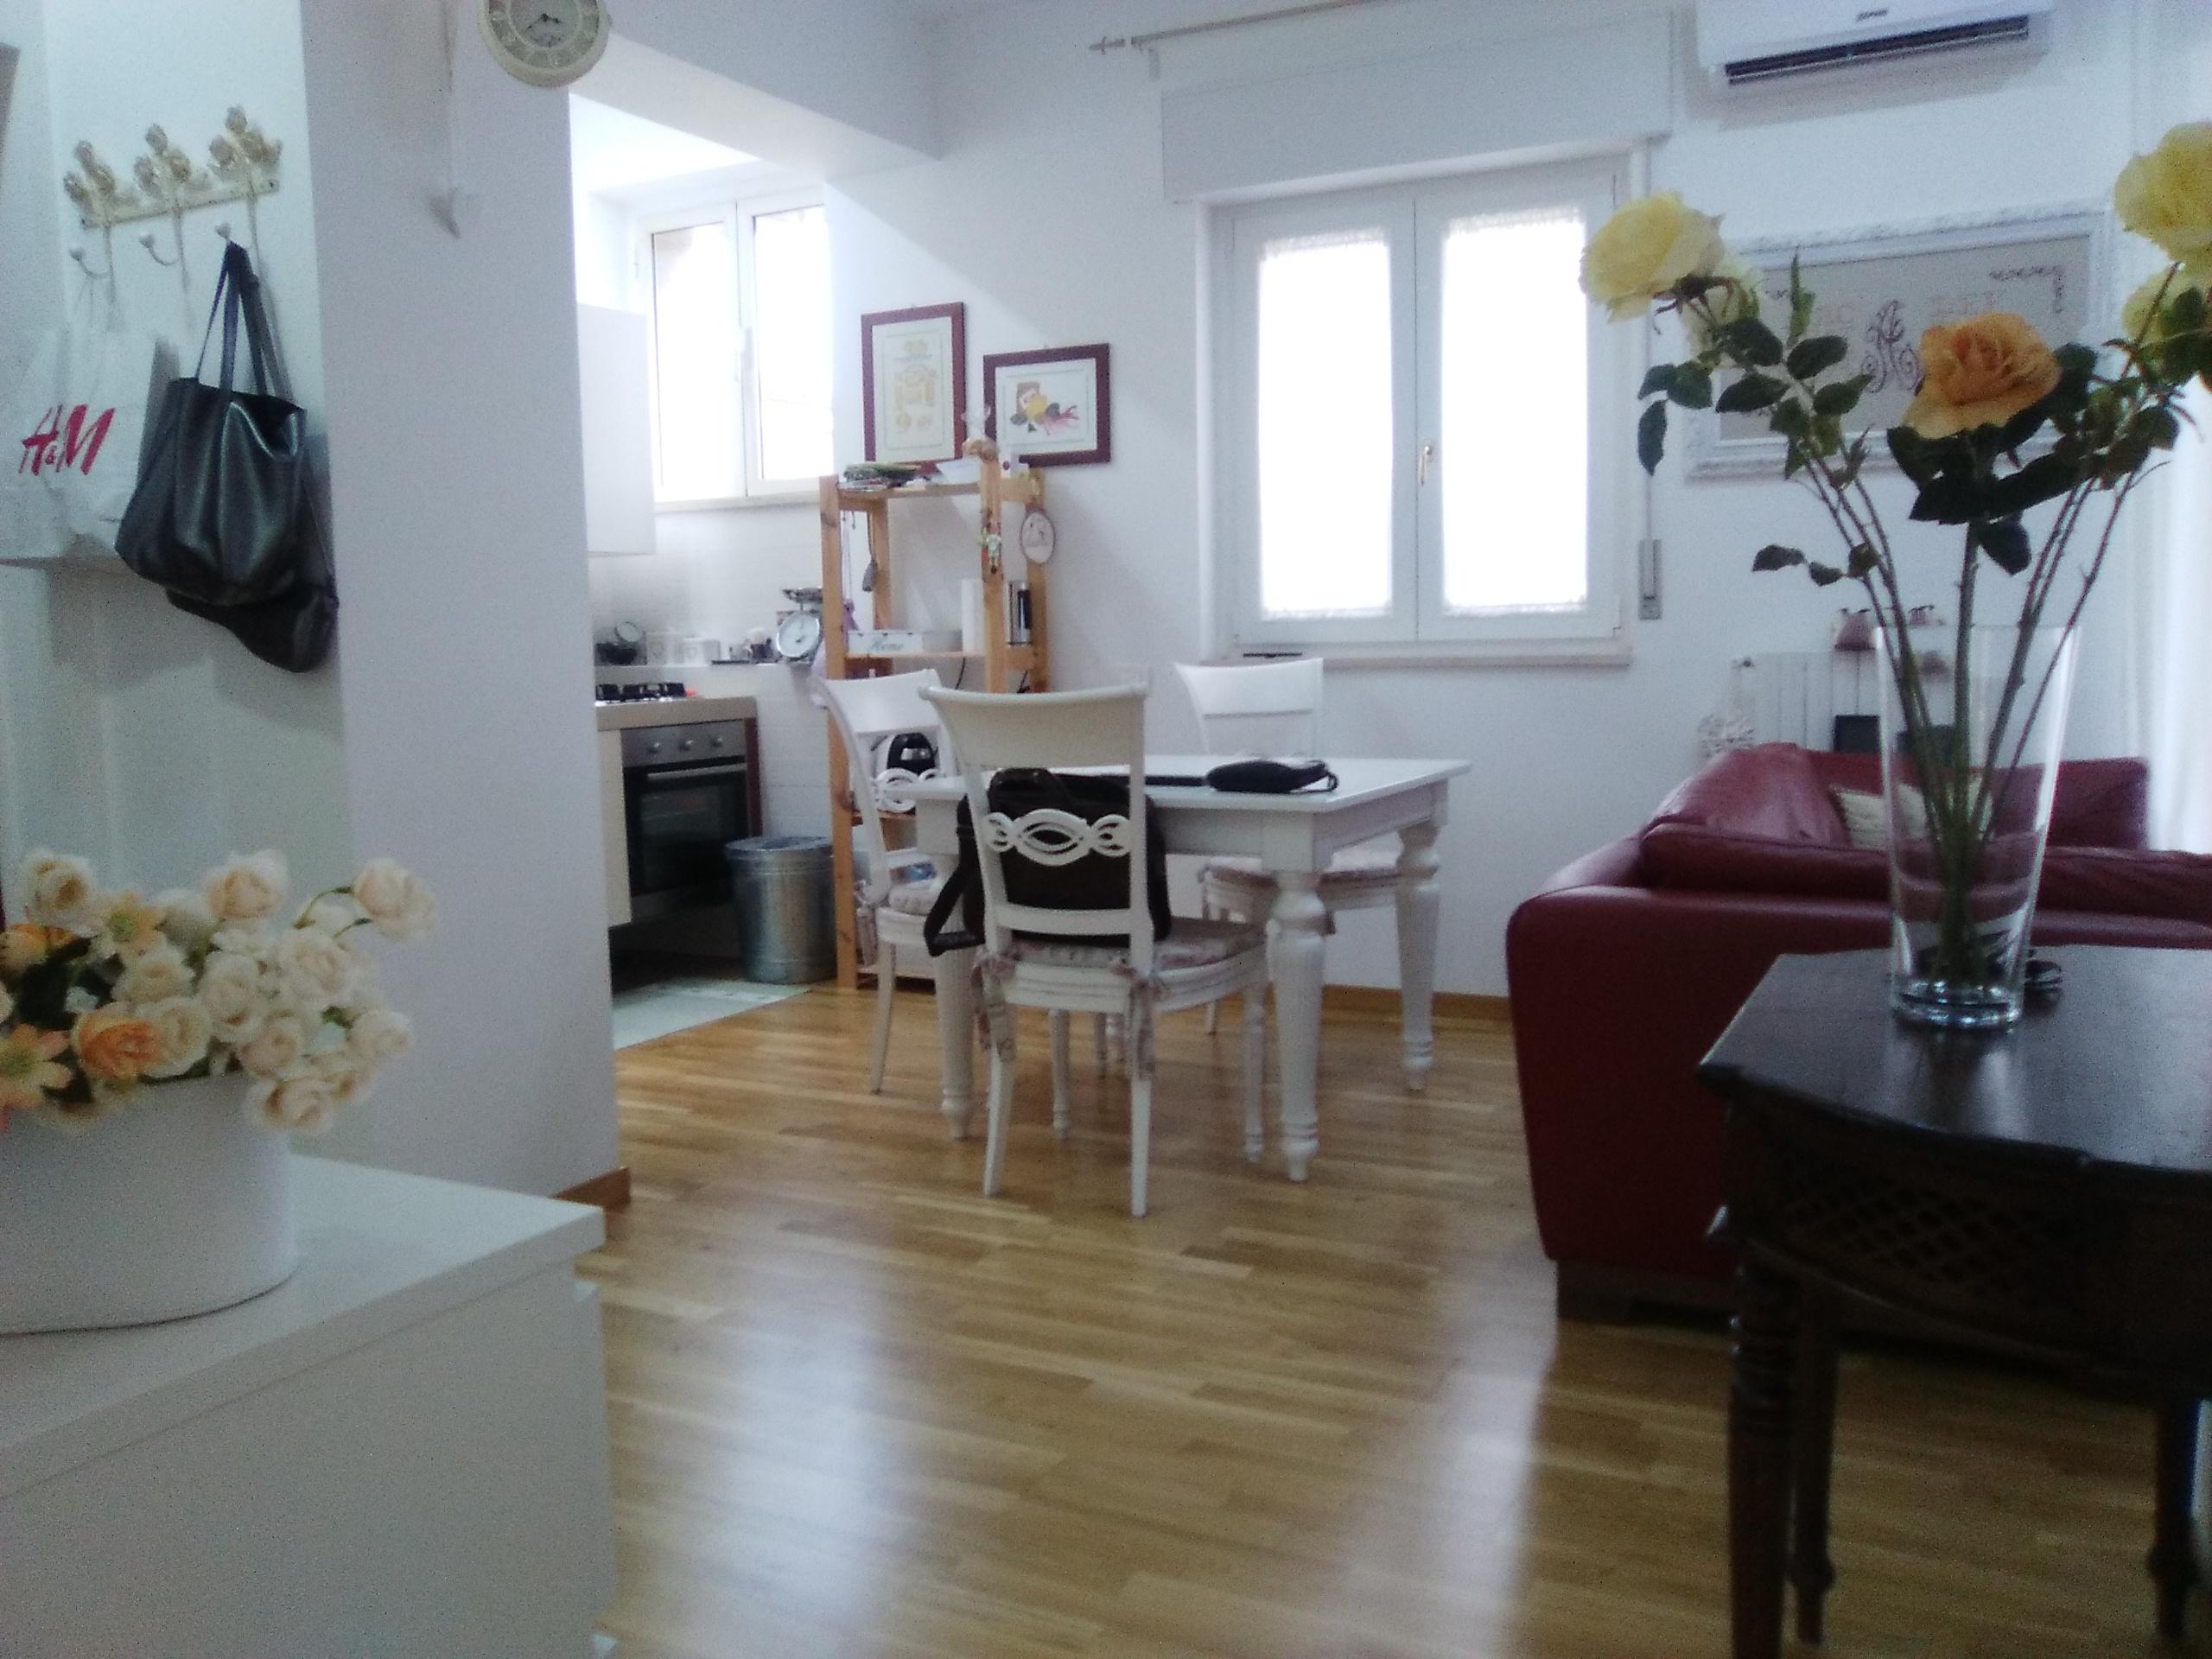 Case in vendita a Foggia-Via Silvio Pellico 3 vani accessori